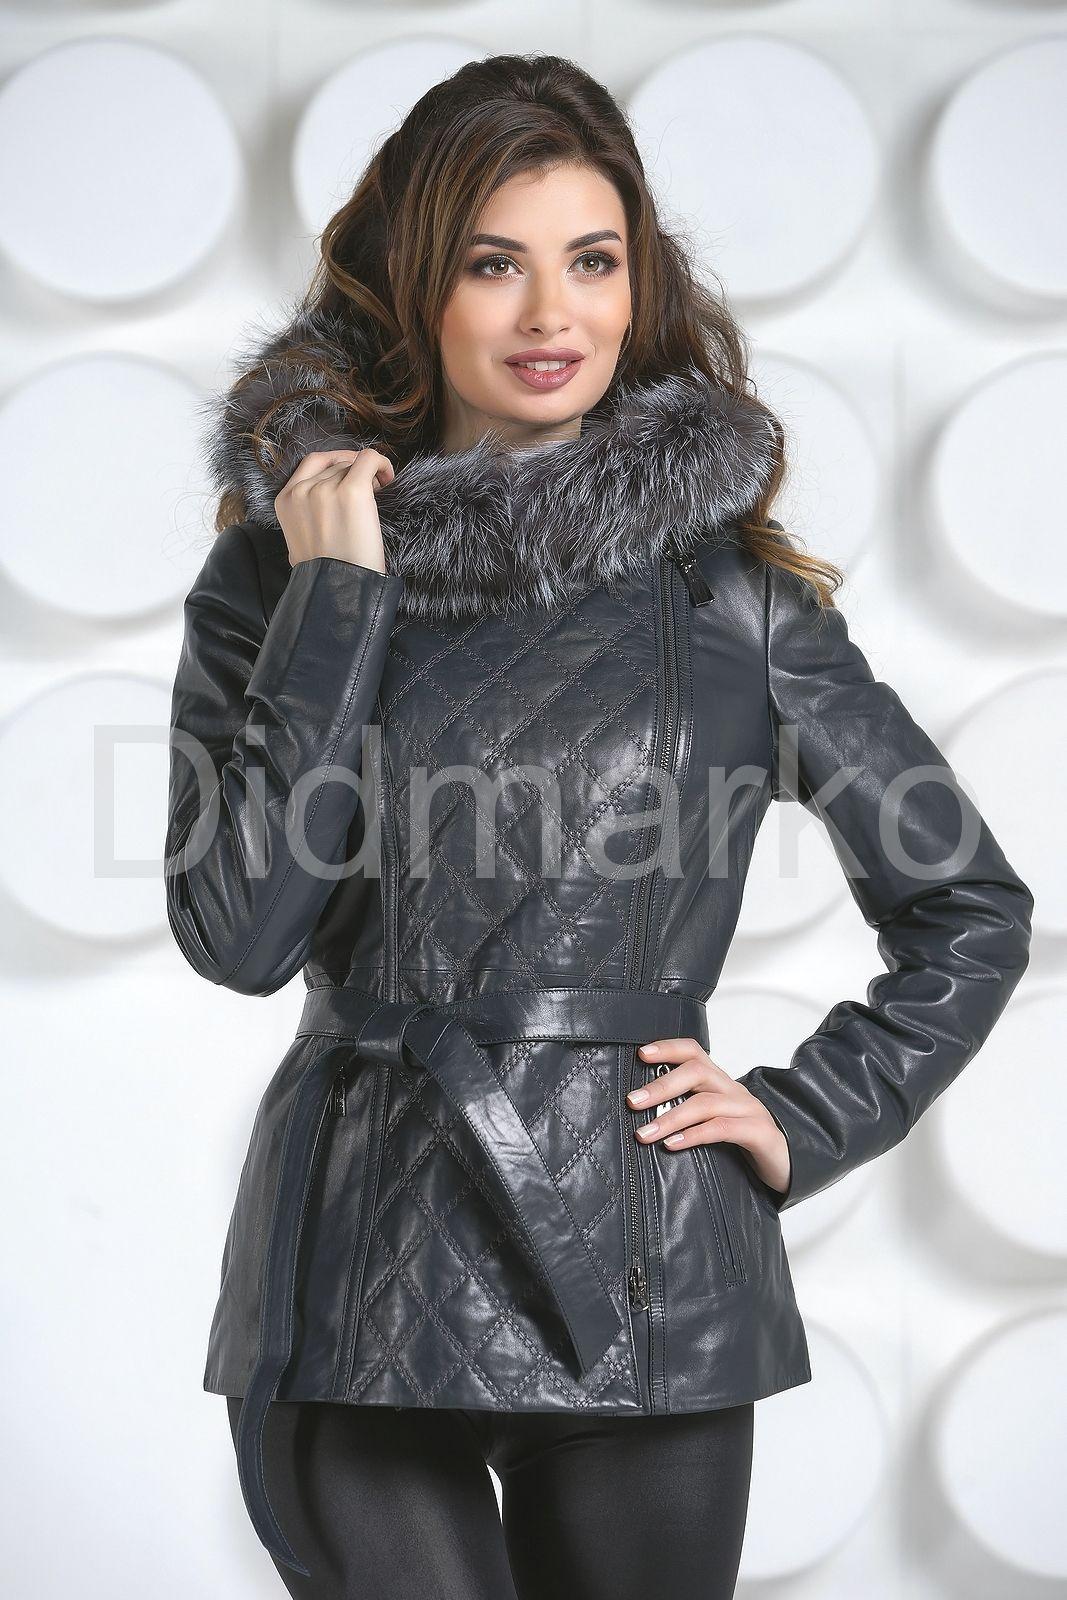 45a8c337b81 Кожаная куртка с капюшоном и мехом чернобурки купить по цене ...